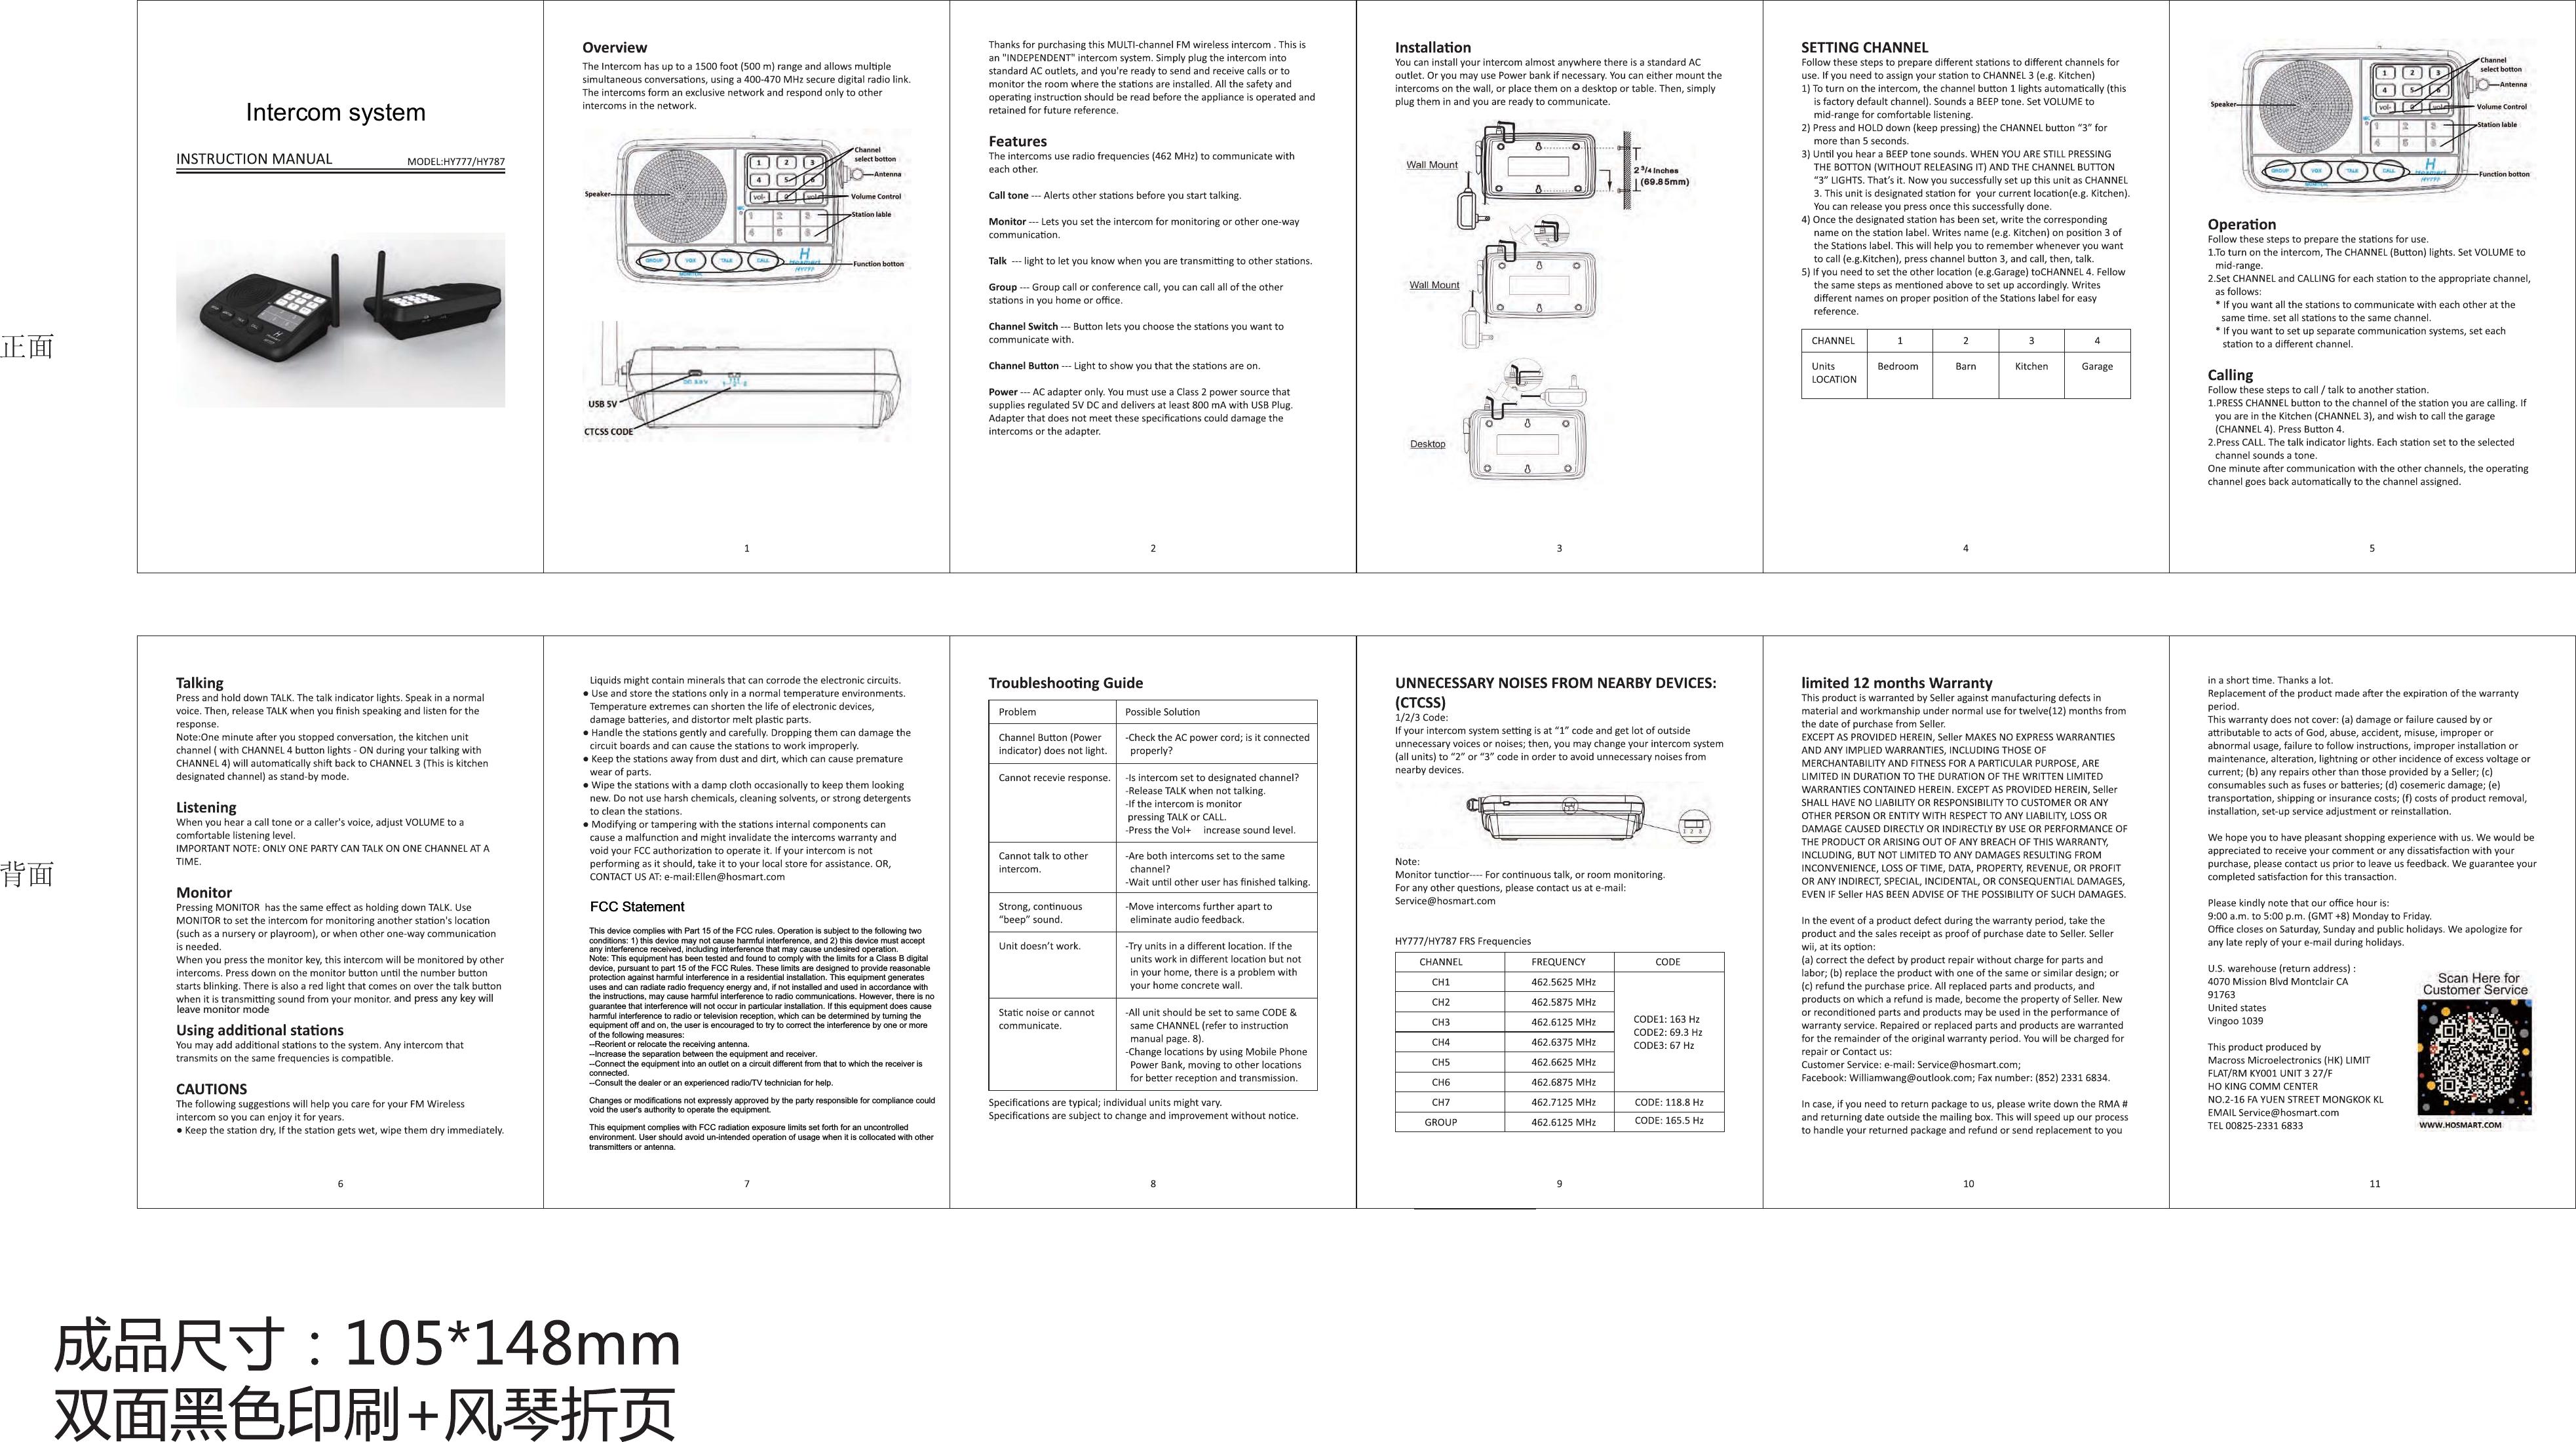 Macross HY777 Intercom system User Manual gai on